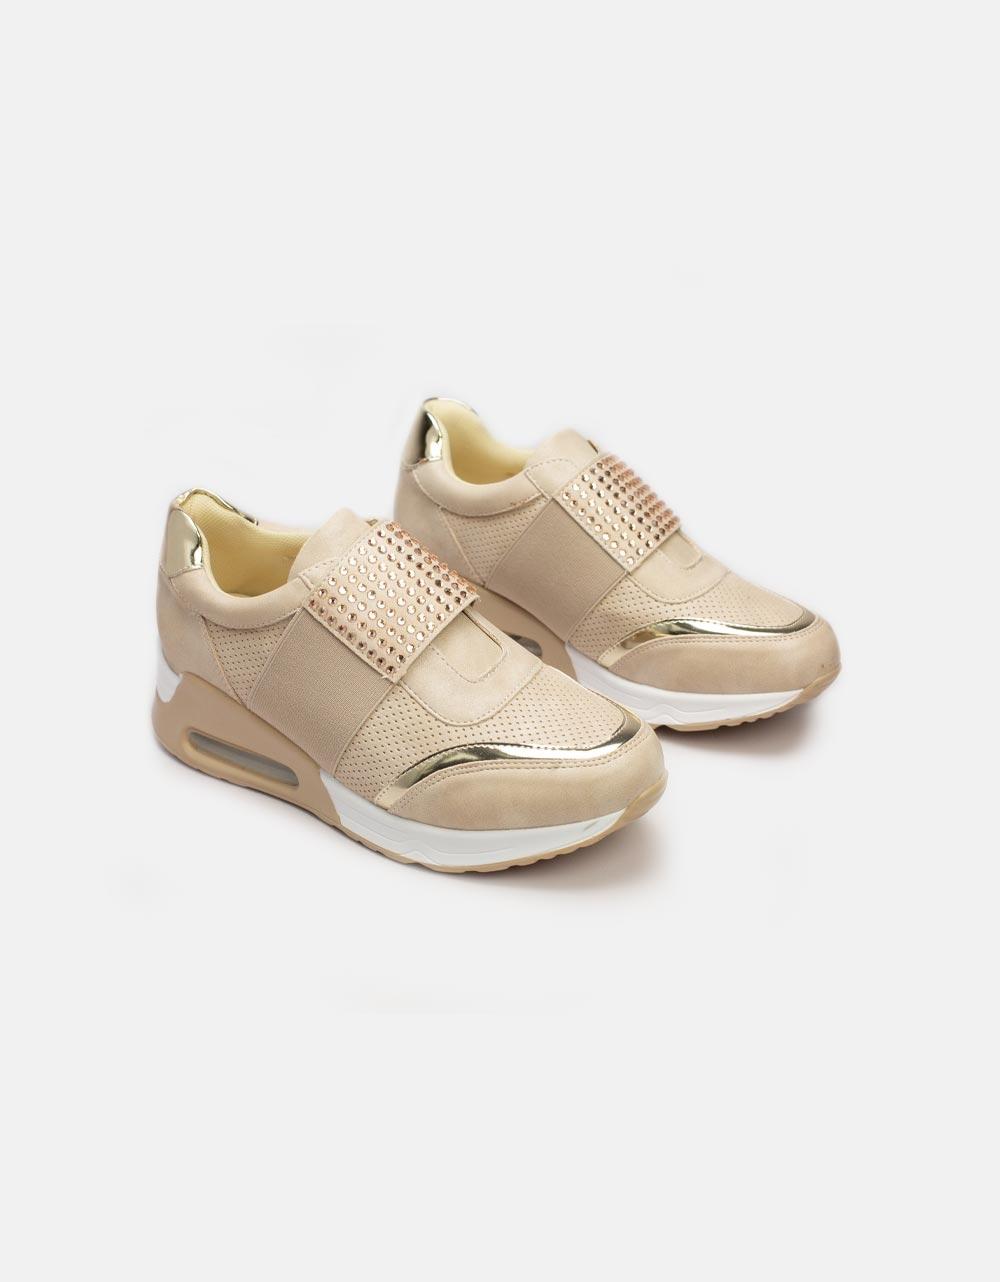 Εικόνα από Γυναικεία sneakers με στρας και μεταλιζέ λεπτομέρειες Μπεζ